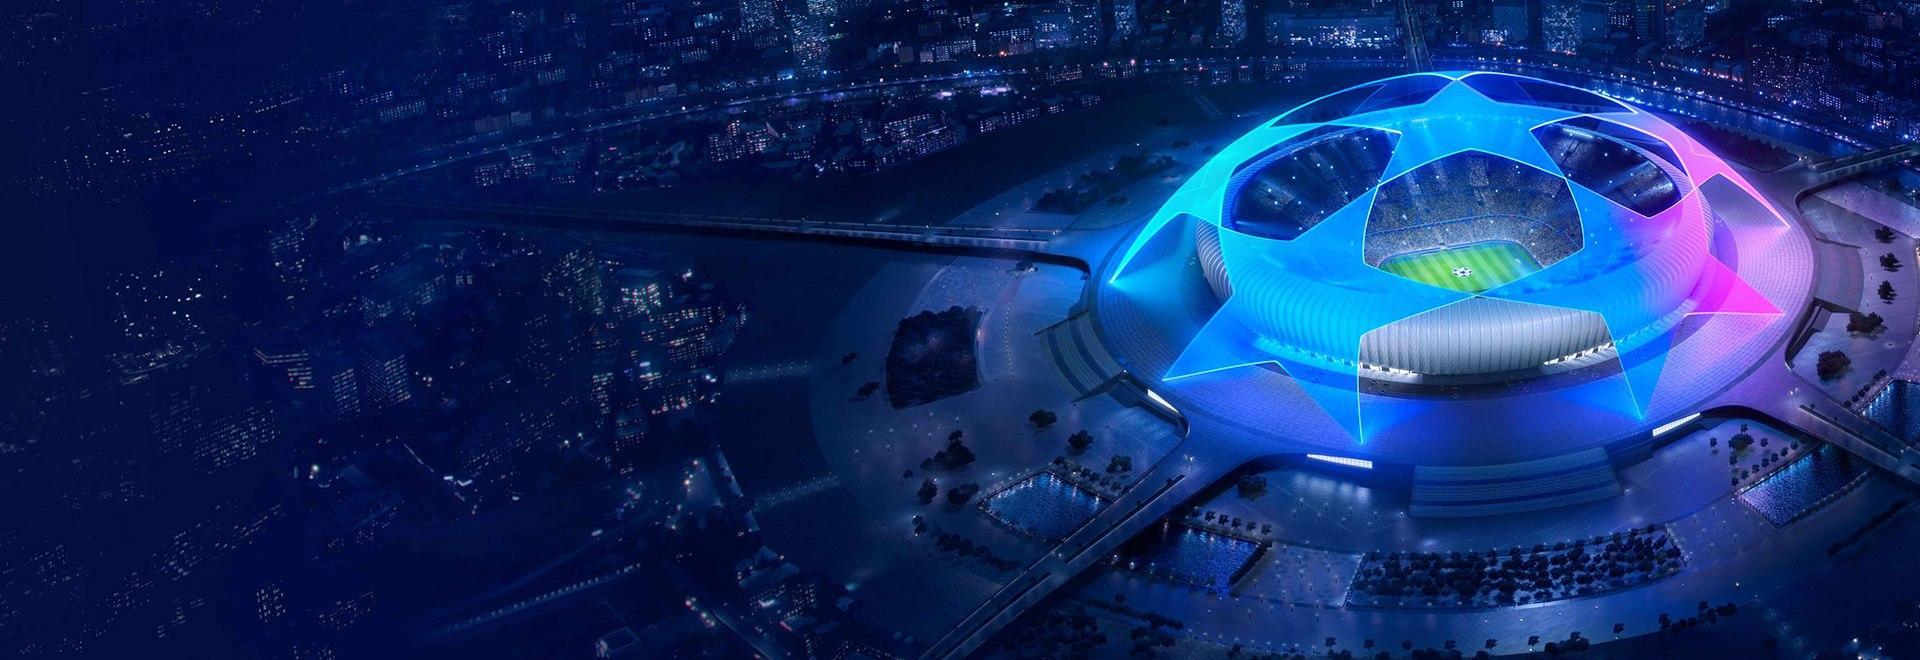 Paris - Manchester City. 2a semifinale Andata